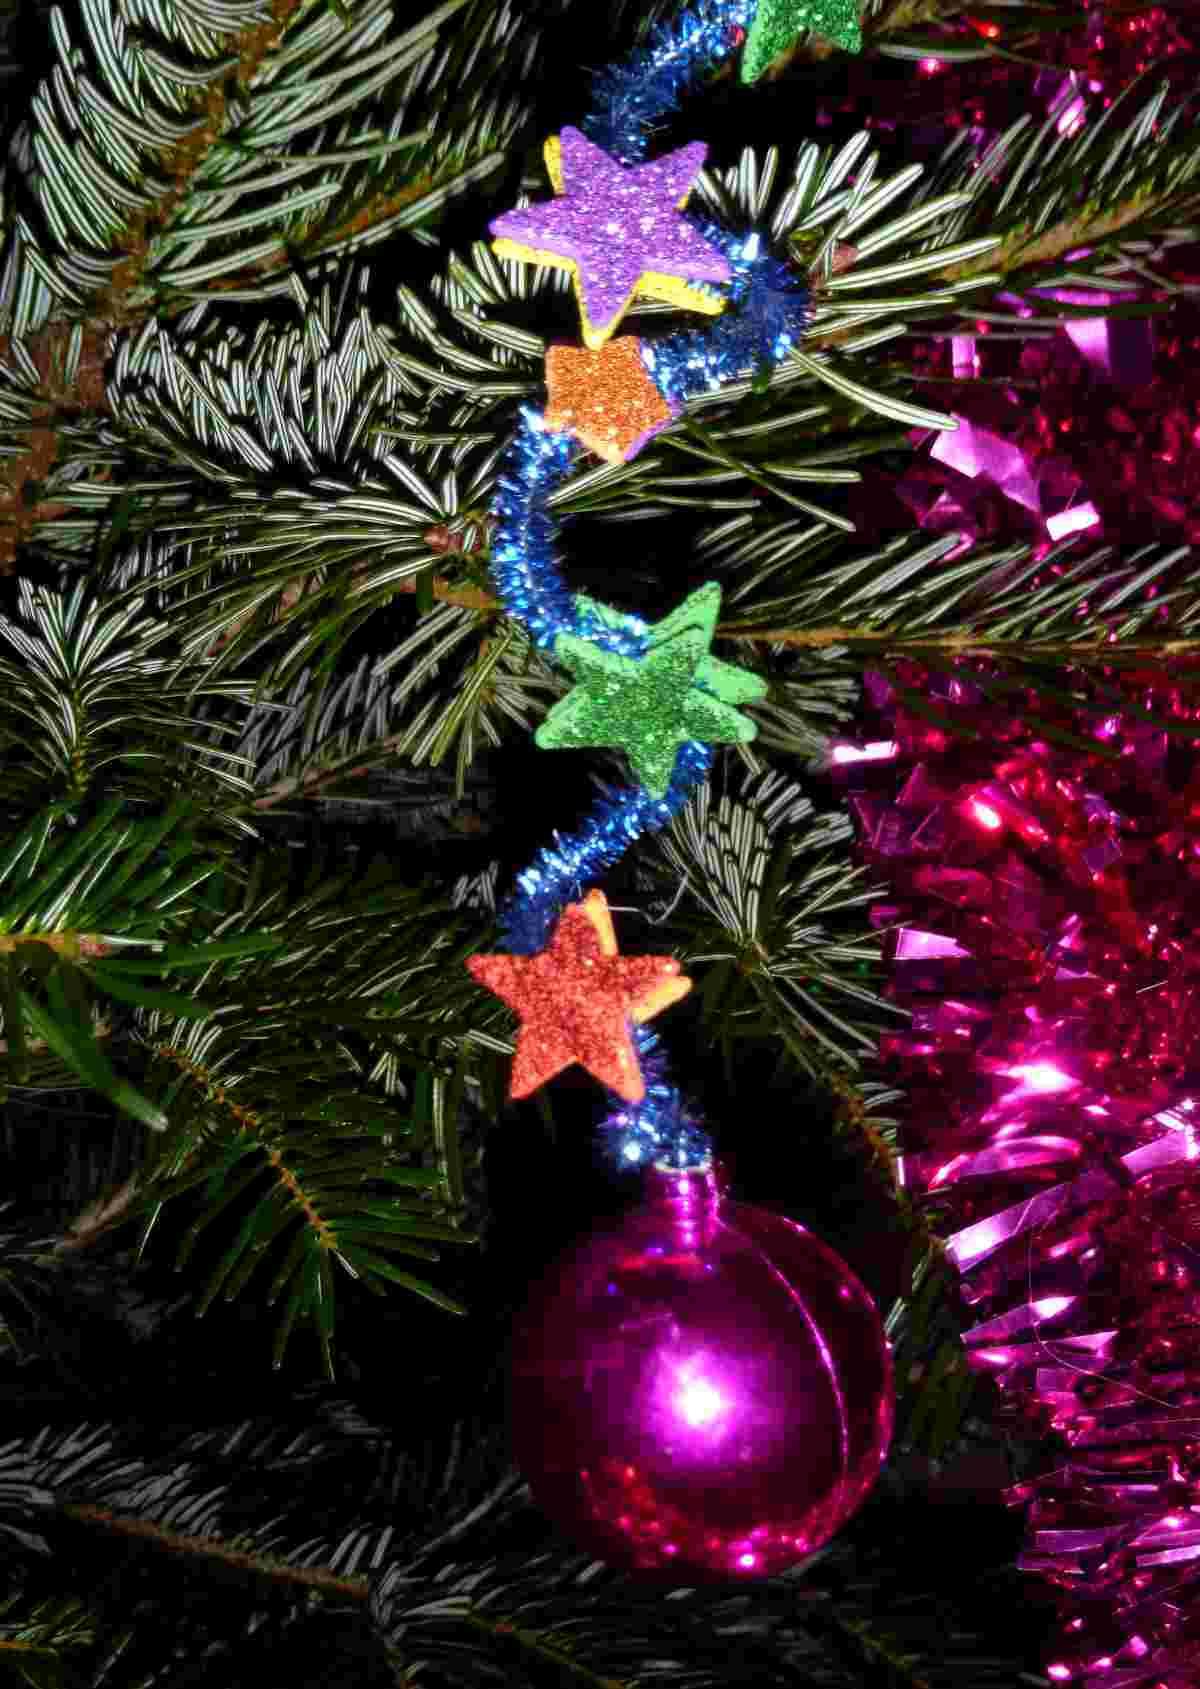 #6D102F Idées D'activités Gommettes Blog De Ma Gommette 5711 idée décoration noel ce1 1200x1689 px @ aertt.com